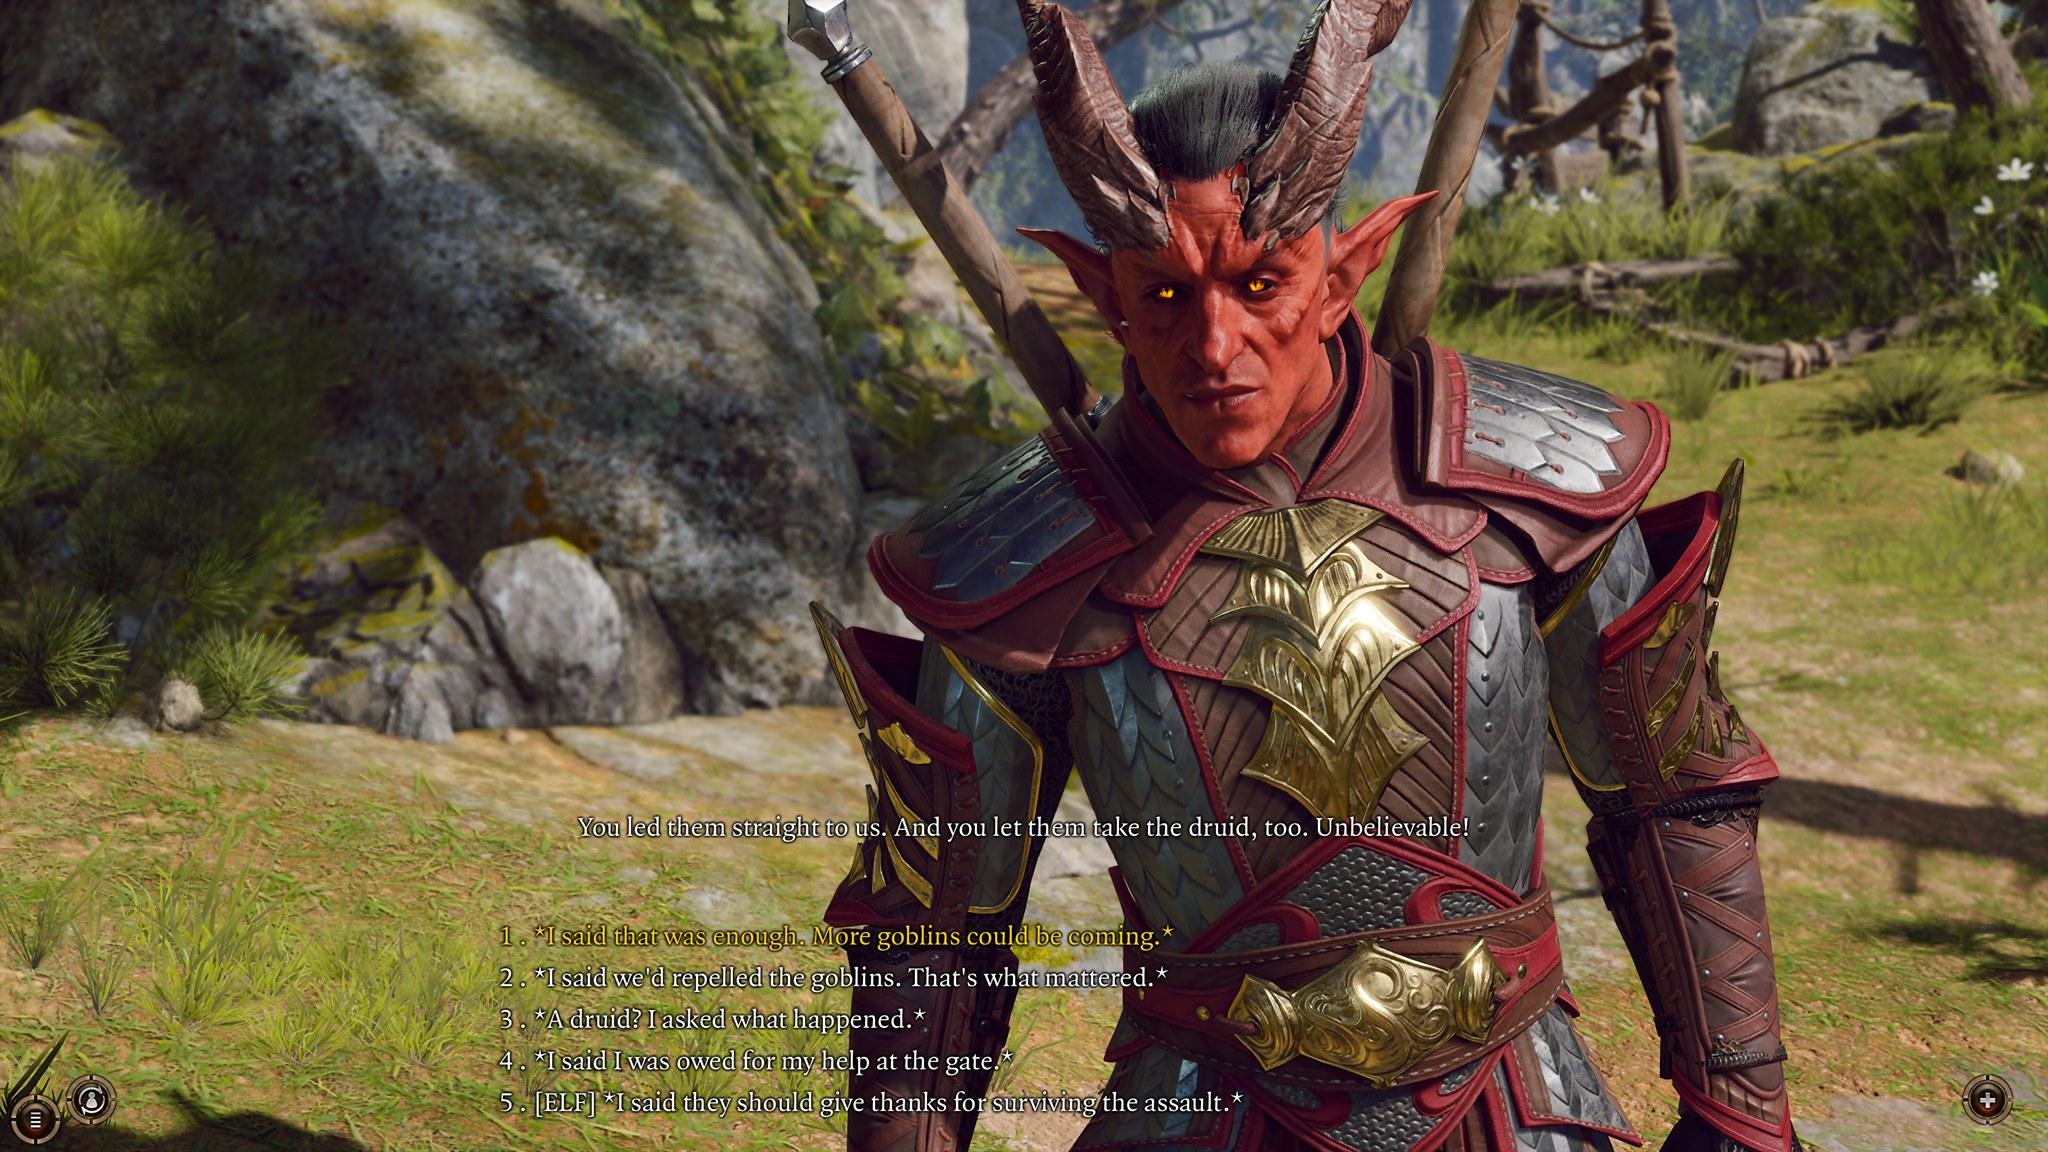 Baldur's Gate III: oficjalne zrzuty ekranu i zapowiedź dzisiejszej prezentacji! 24